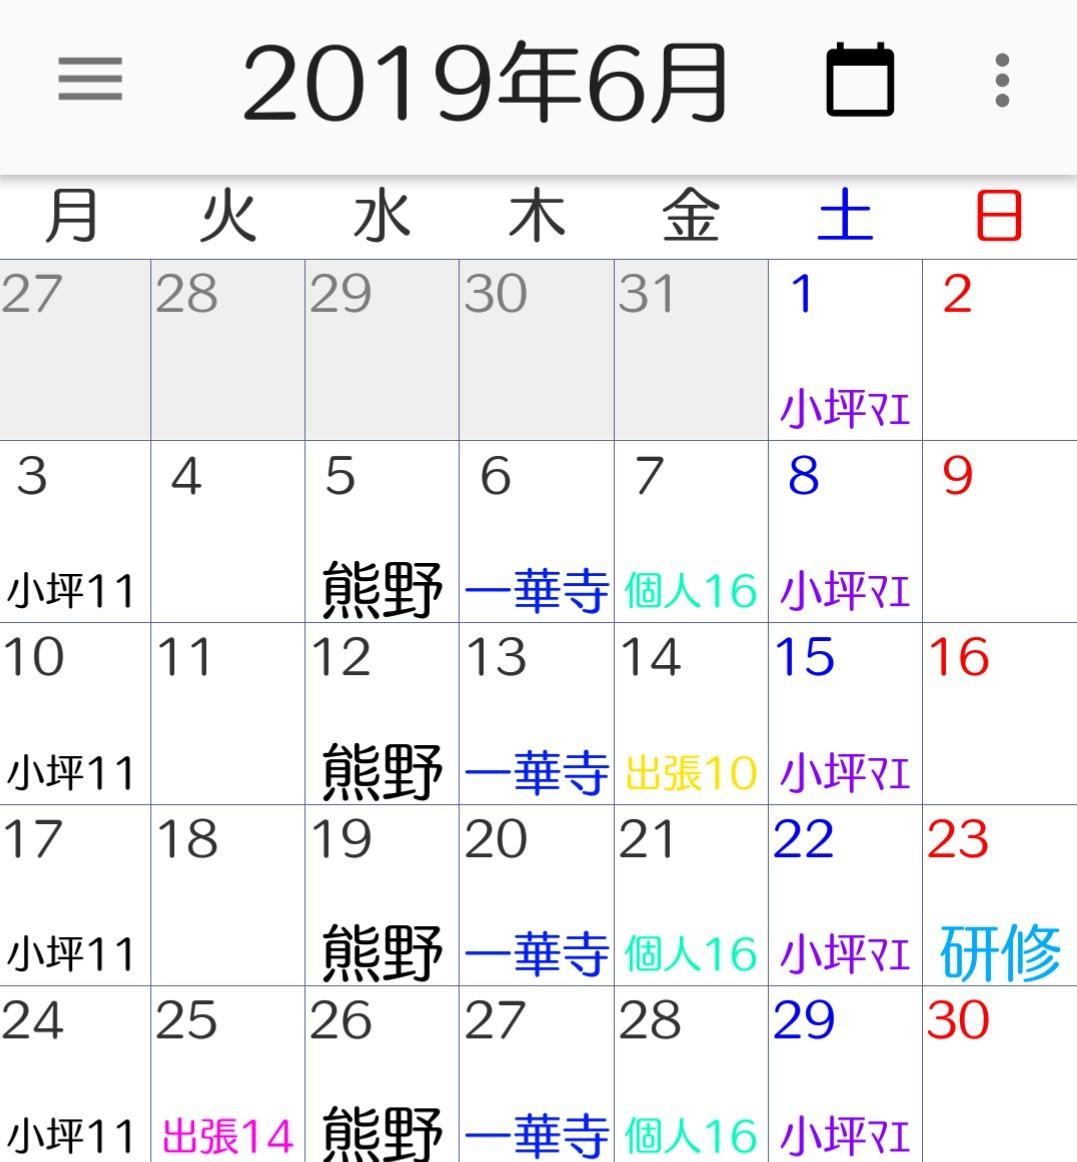 2019年6月の予定・カレンダー_c0366378_12352792.jpg